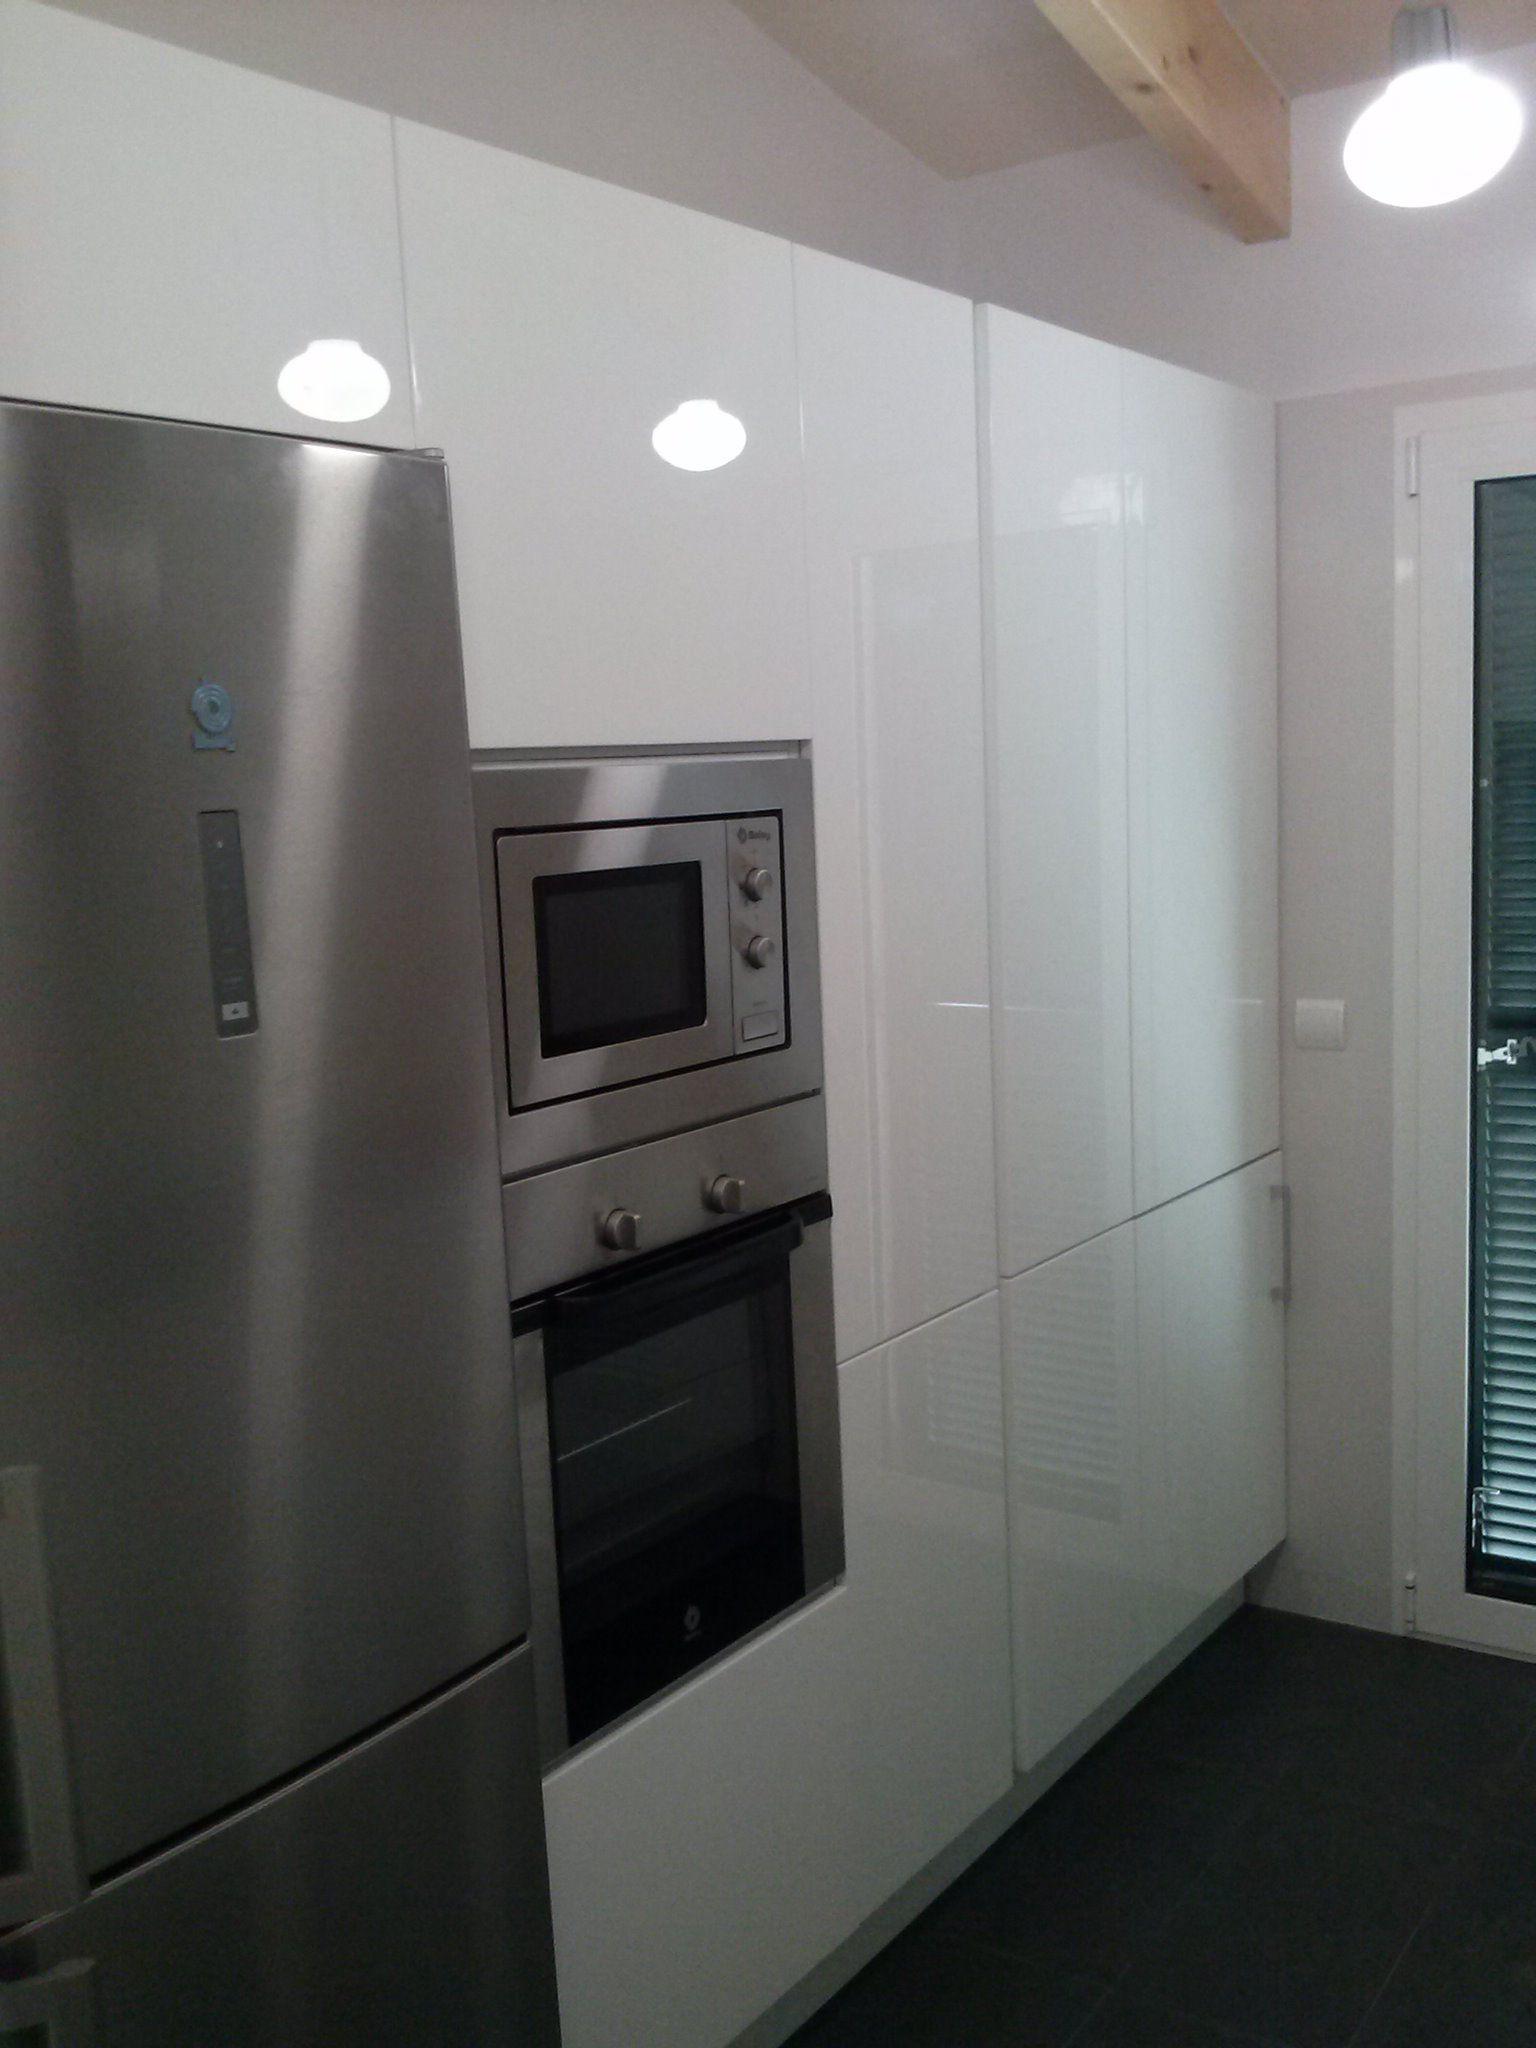 Excelente Blanco Puertas De La Cocina Brillo Uk Motivo - Ideas de ...